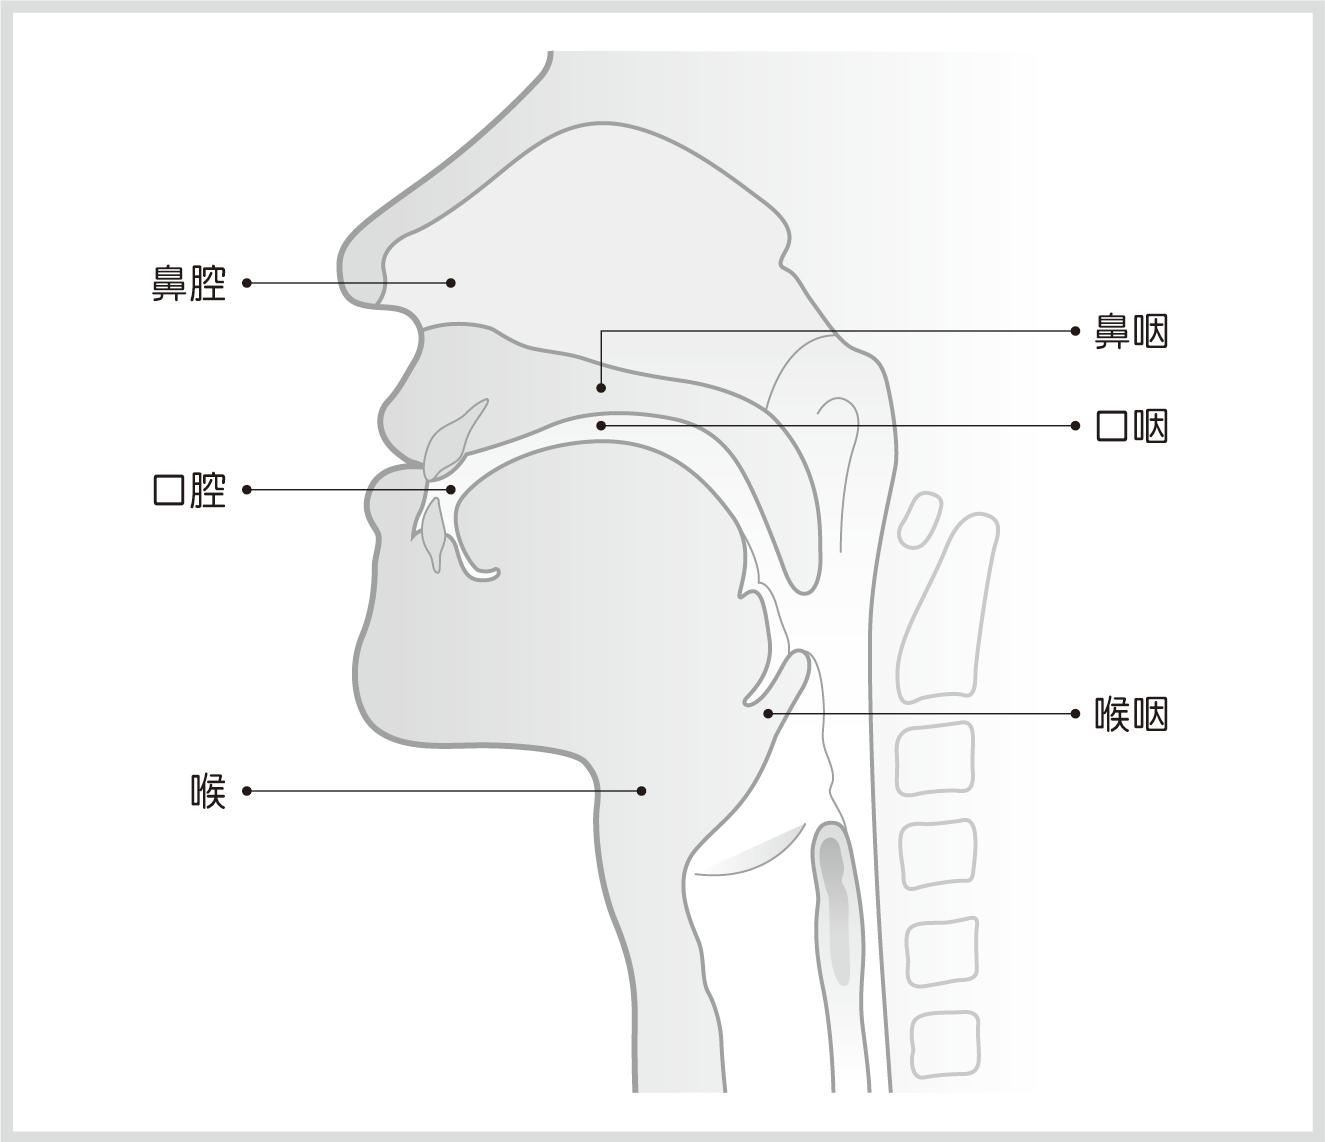 口鼻喉結構示意圖